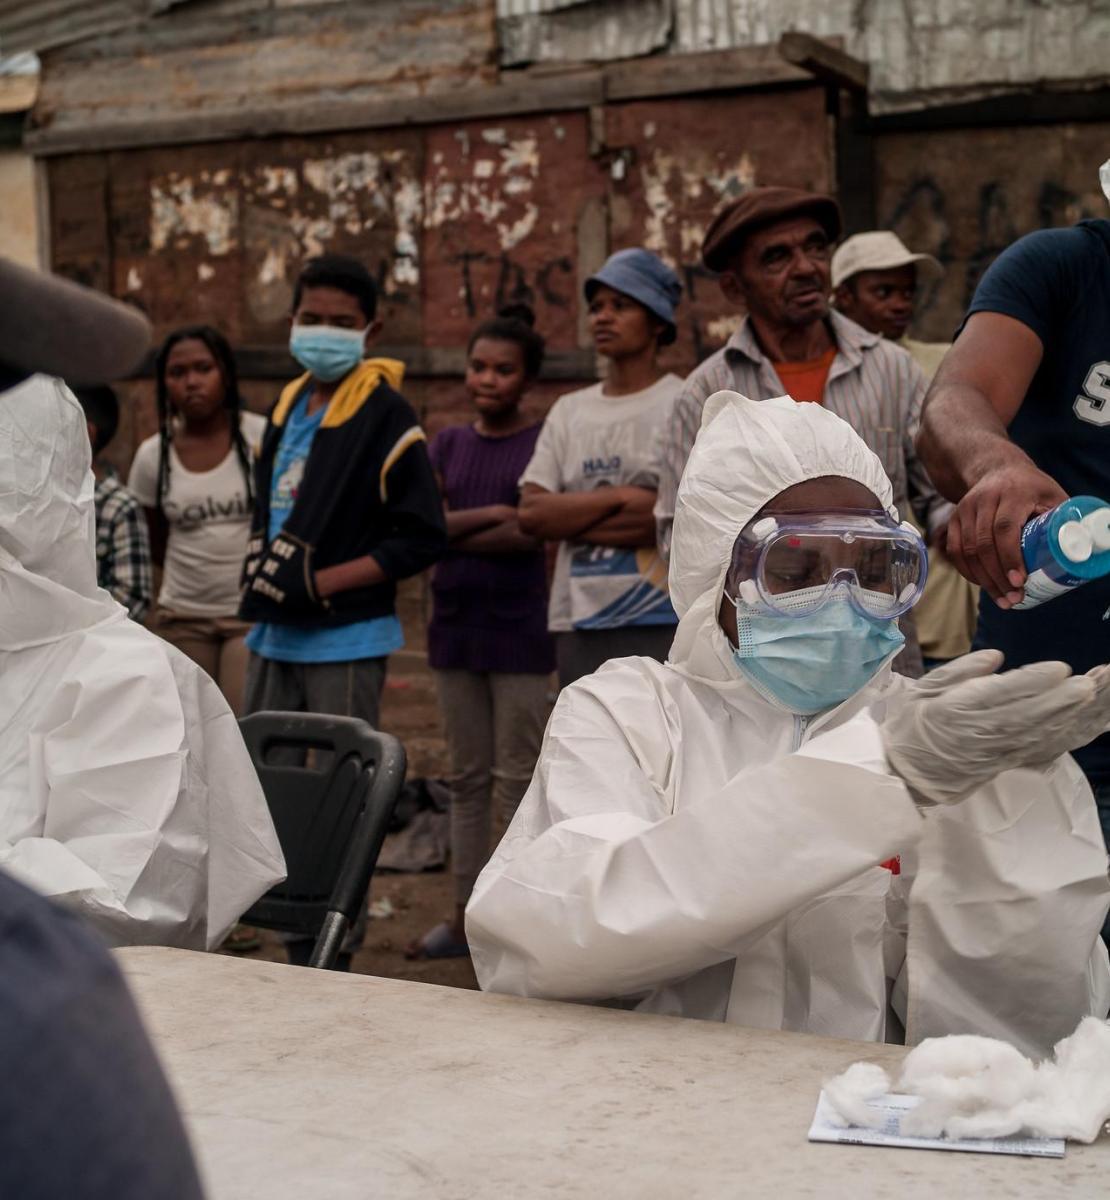 图片显示,人们在全身穿着防护装备的医护人员桌子后等待。站在医护人员身后的一名男子将消毒液倒在其中一名医护人员的手上,而一名男子则坐在医护人员前面等待。